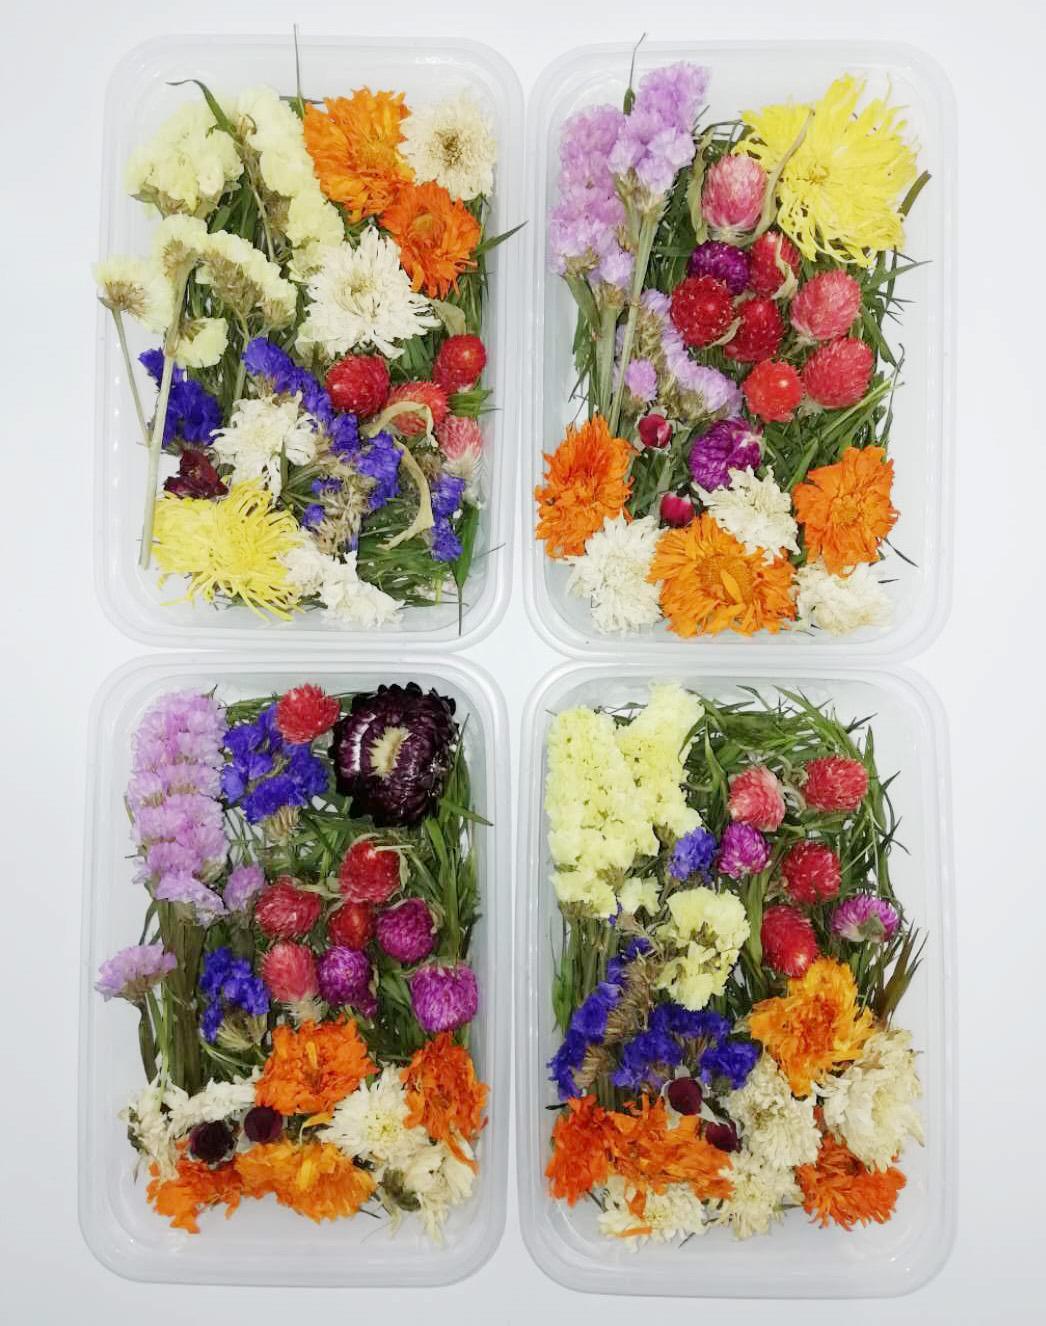 1 caixa 30g secas plantas Flor real secas Flores pressionadas Para Aromatherapy Candle Making Artesanato DIY Acessórios